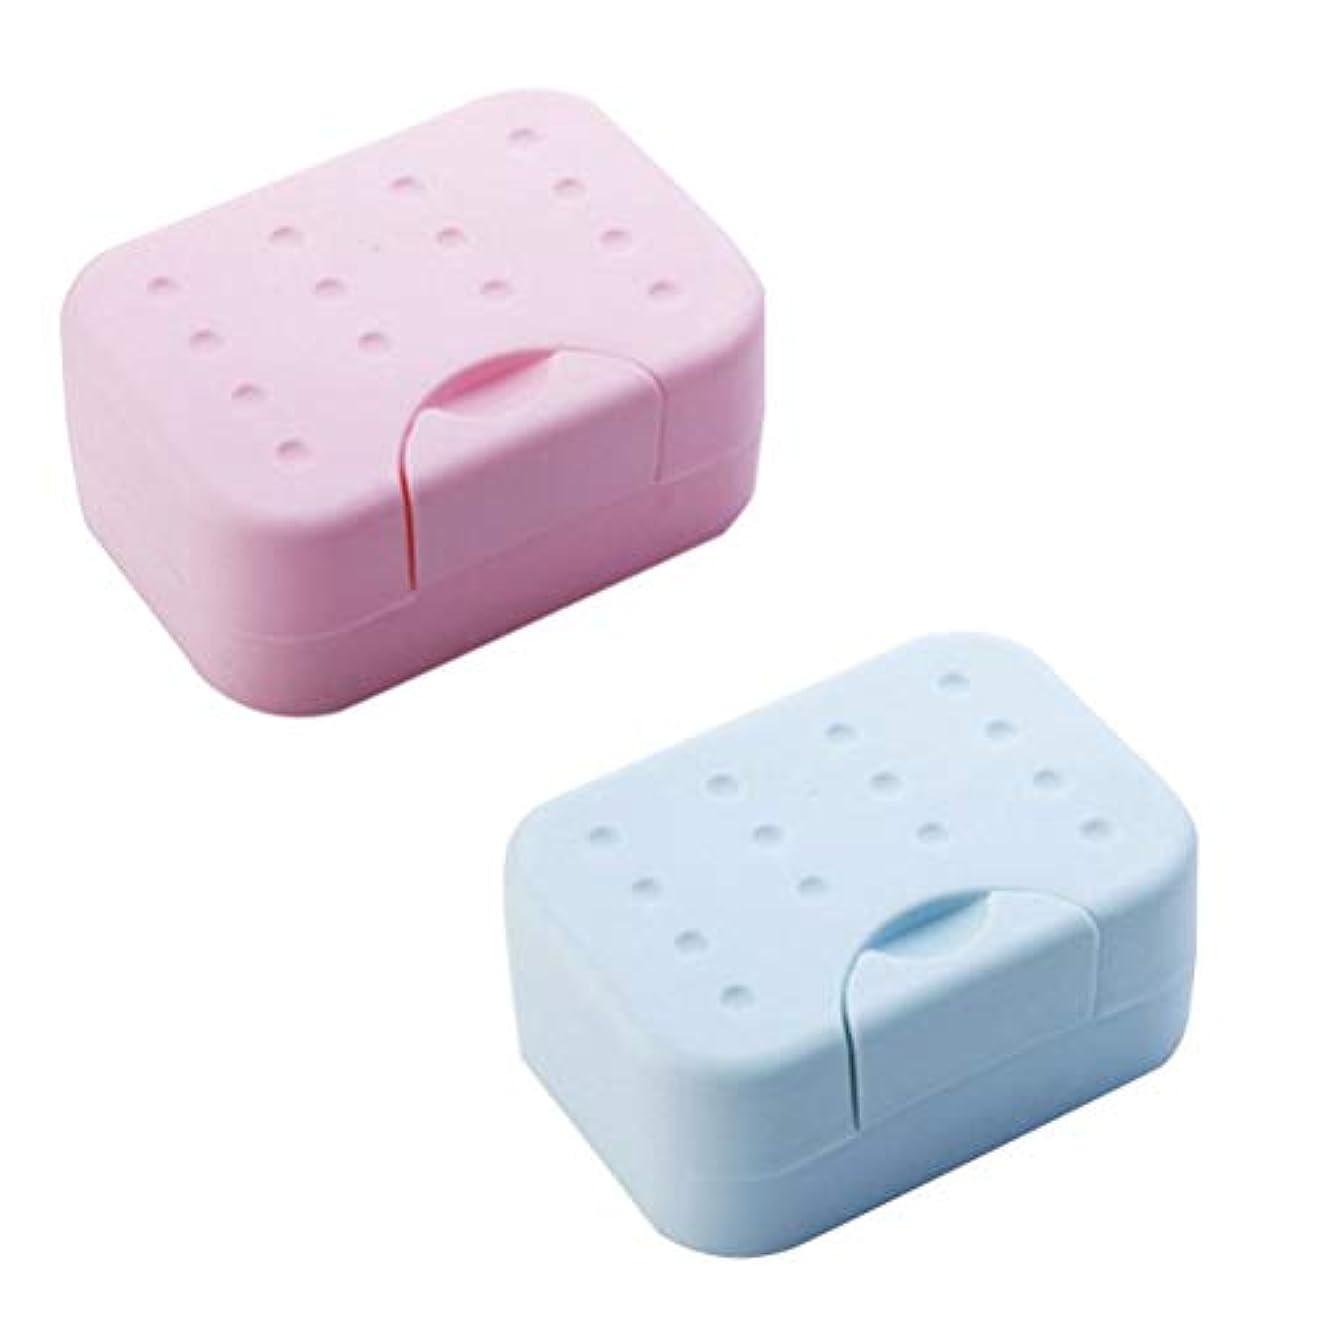 ニュース覚えている表現Healifty 2PC石鹸容器旅行石鹸ボックス石けんケース耐久性プラスチック防水飲料水スポンジ石鹸キャビネットのための食器ホルダーホームバスルーム(赤と青)